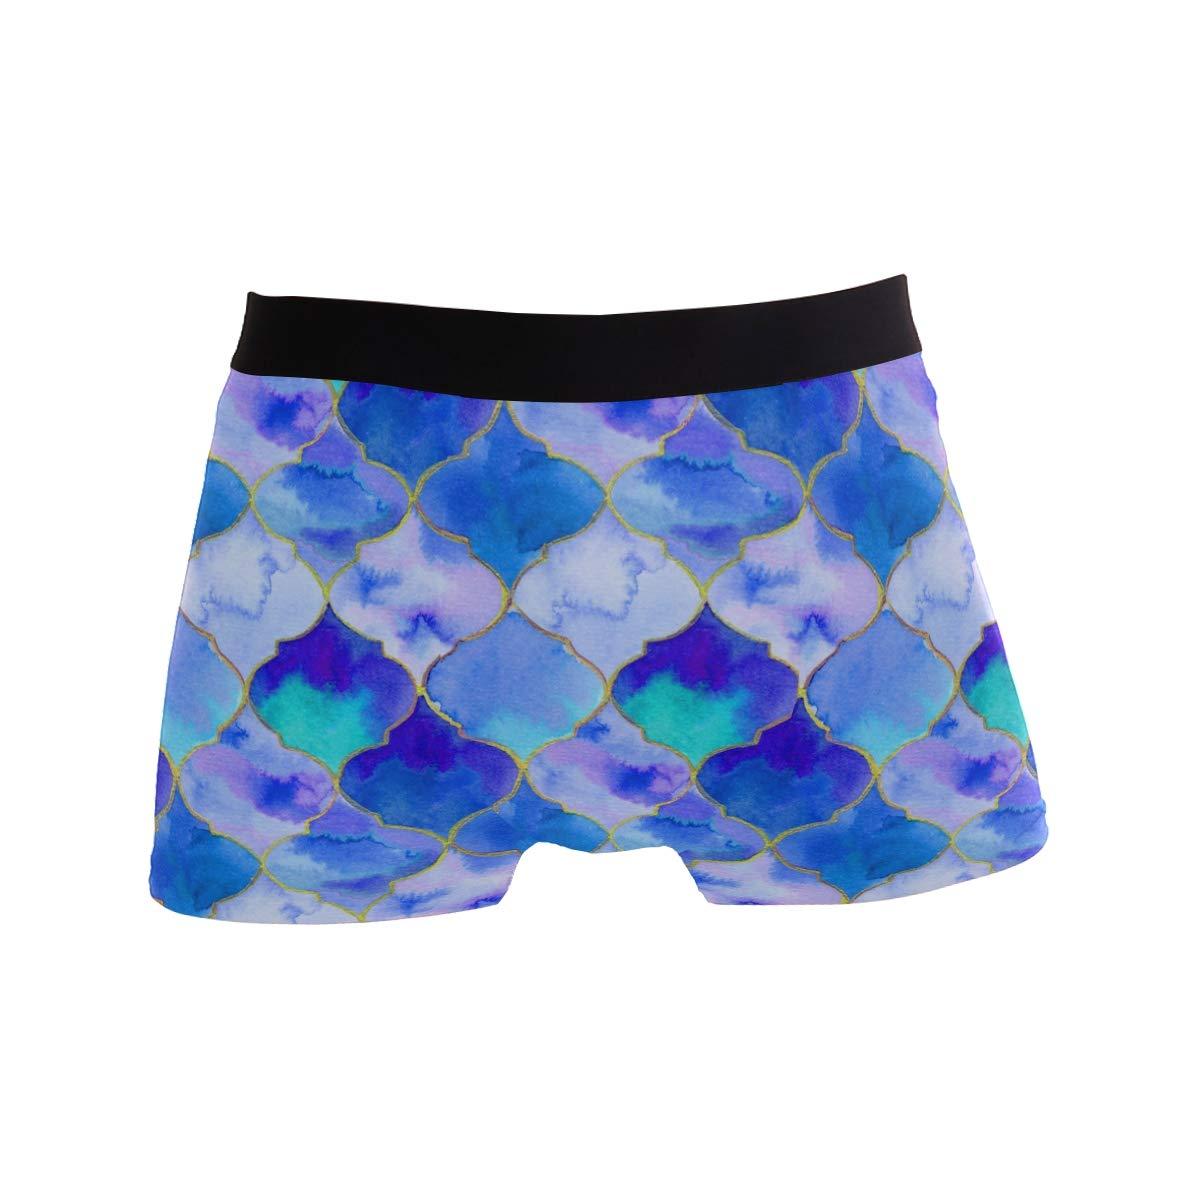 MOFEIYUE Mens Boxer Briefs Trellis Quatrefoil Geometric Soft Short Underpants Underwear for Men Boys